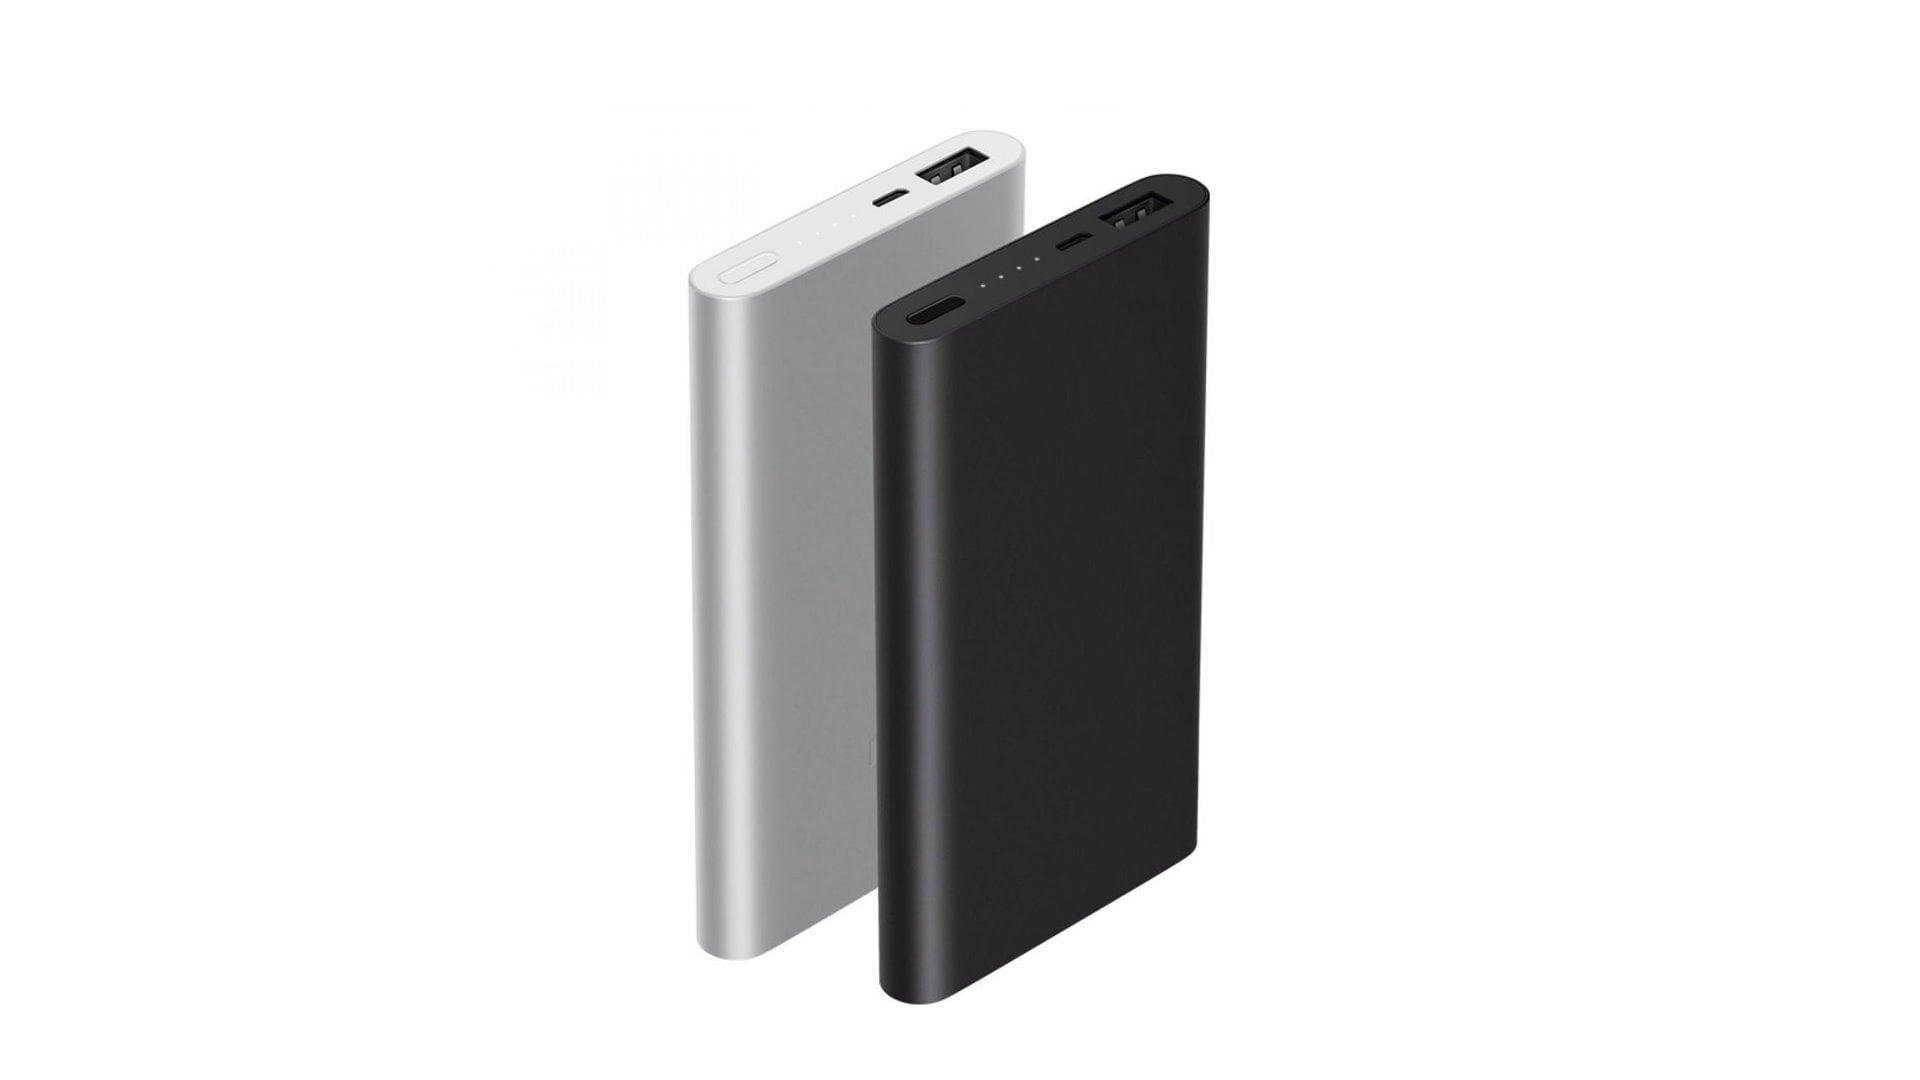 Kumpulan Harga Power Bank Xiaomi dan Kelebihannya